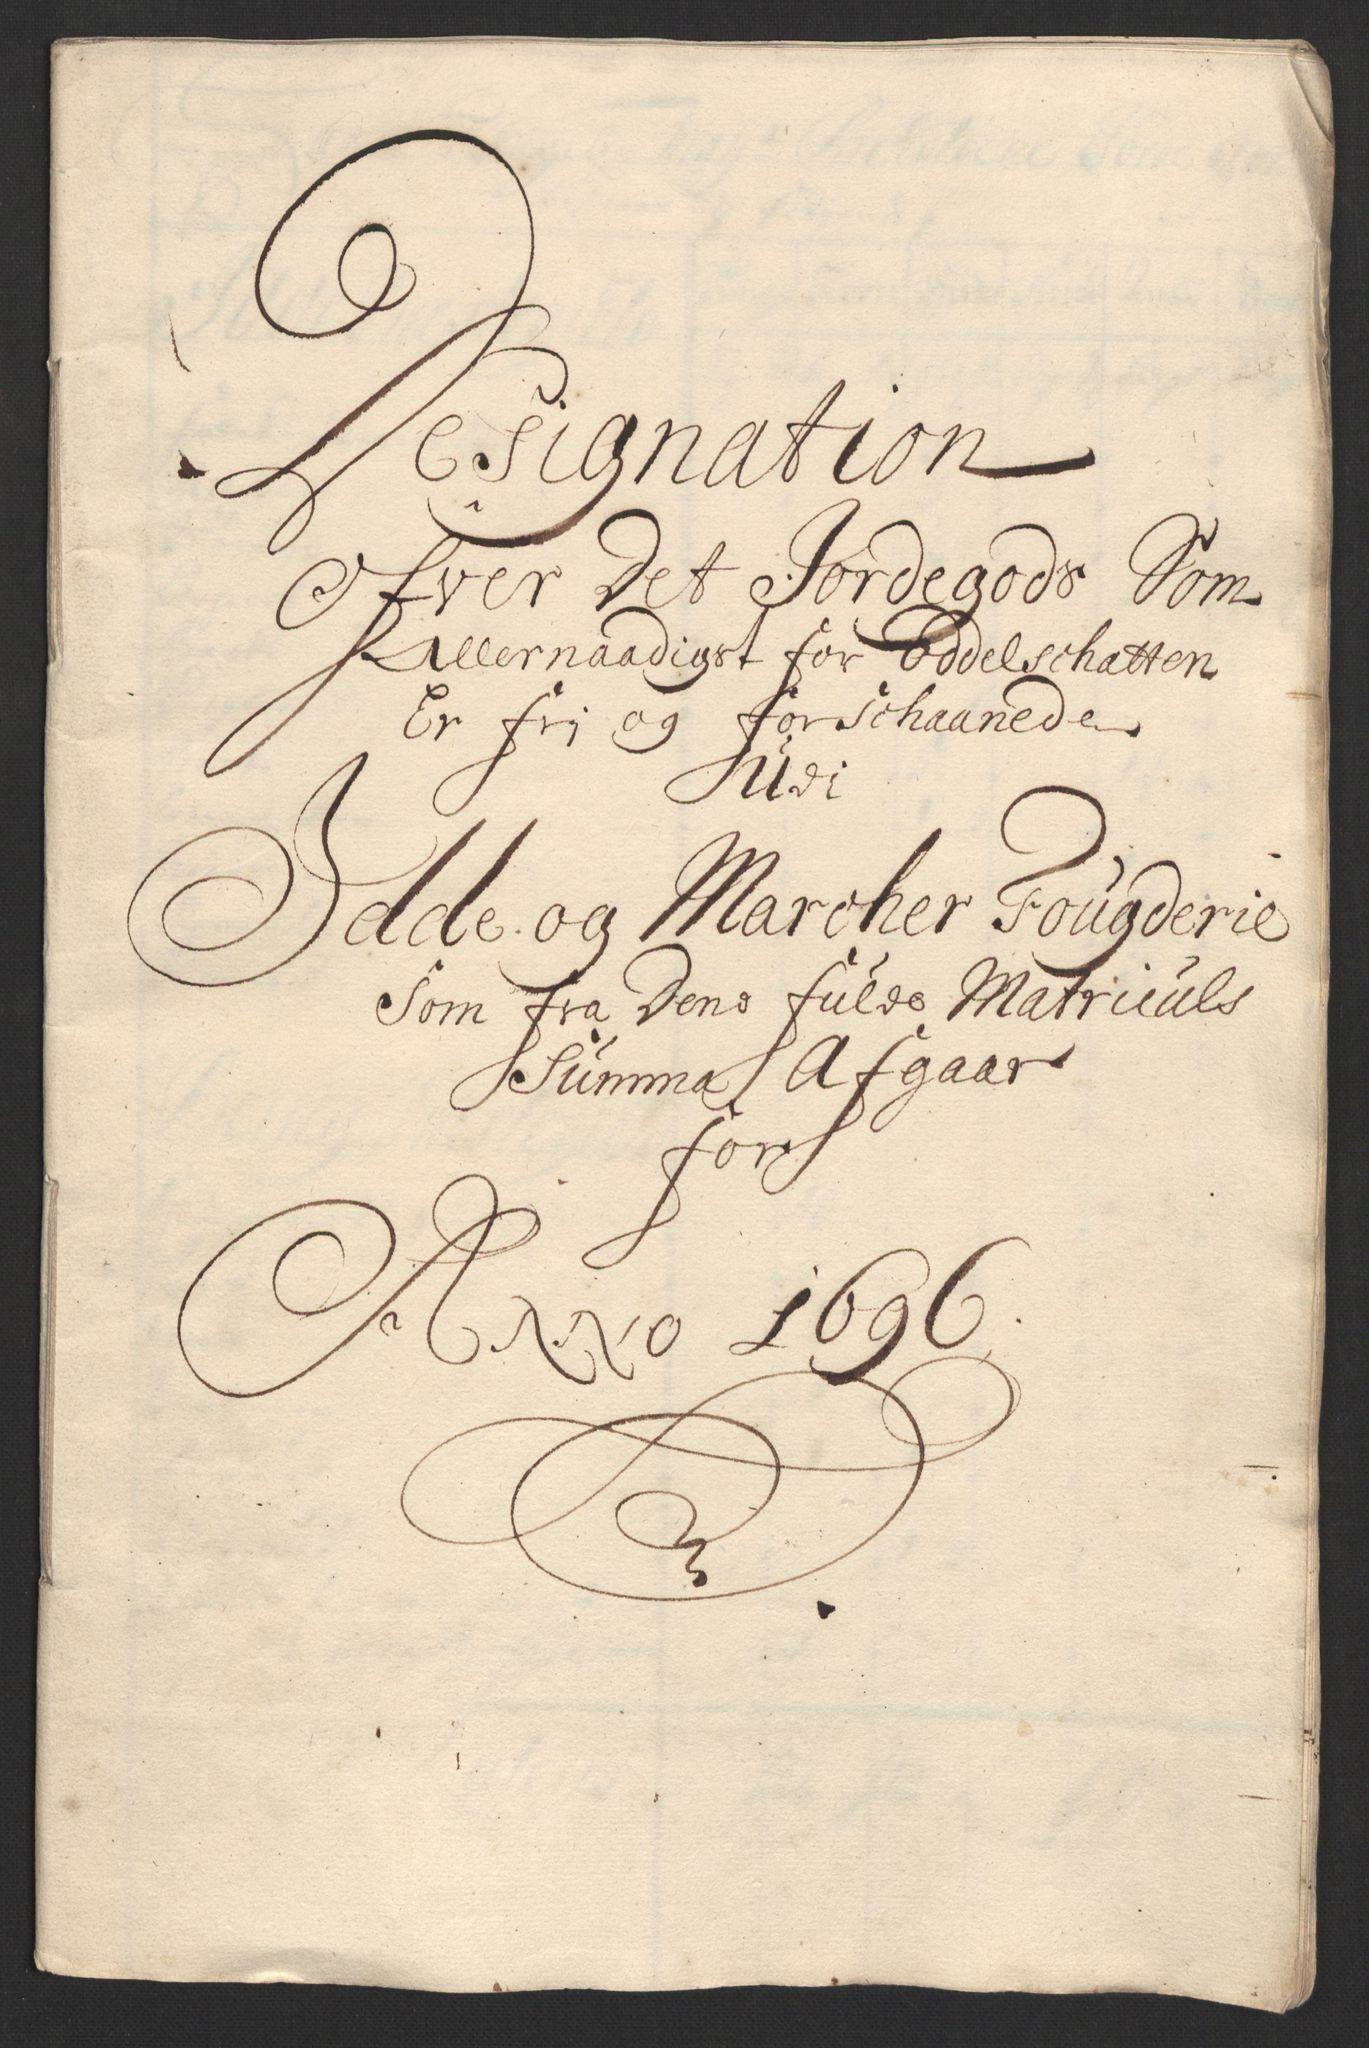 RA, Rentekammeret inntil 1814, Reviderte regnskaper, Fogderegnskap, R01/L0013: Fogderegnskap Idd og Marker, 1696-1698, s. 147